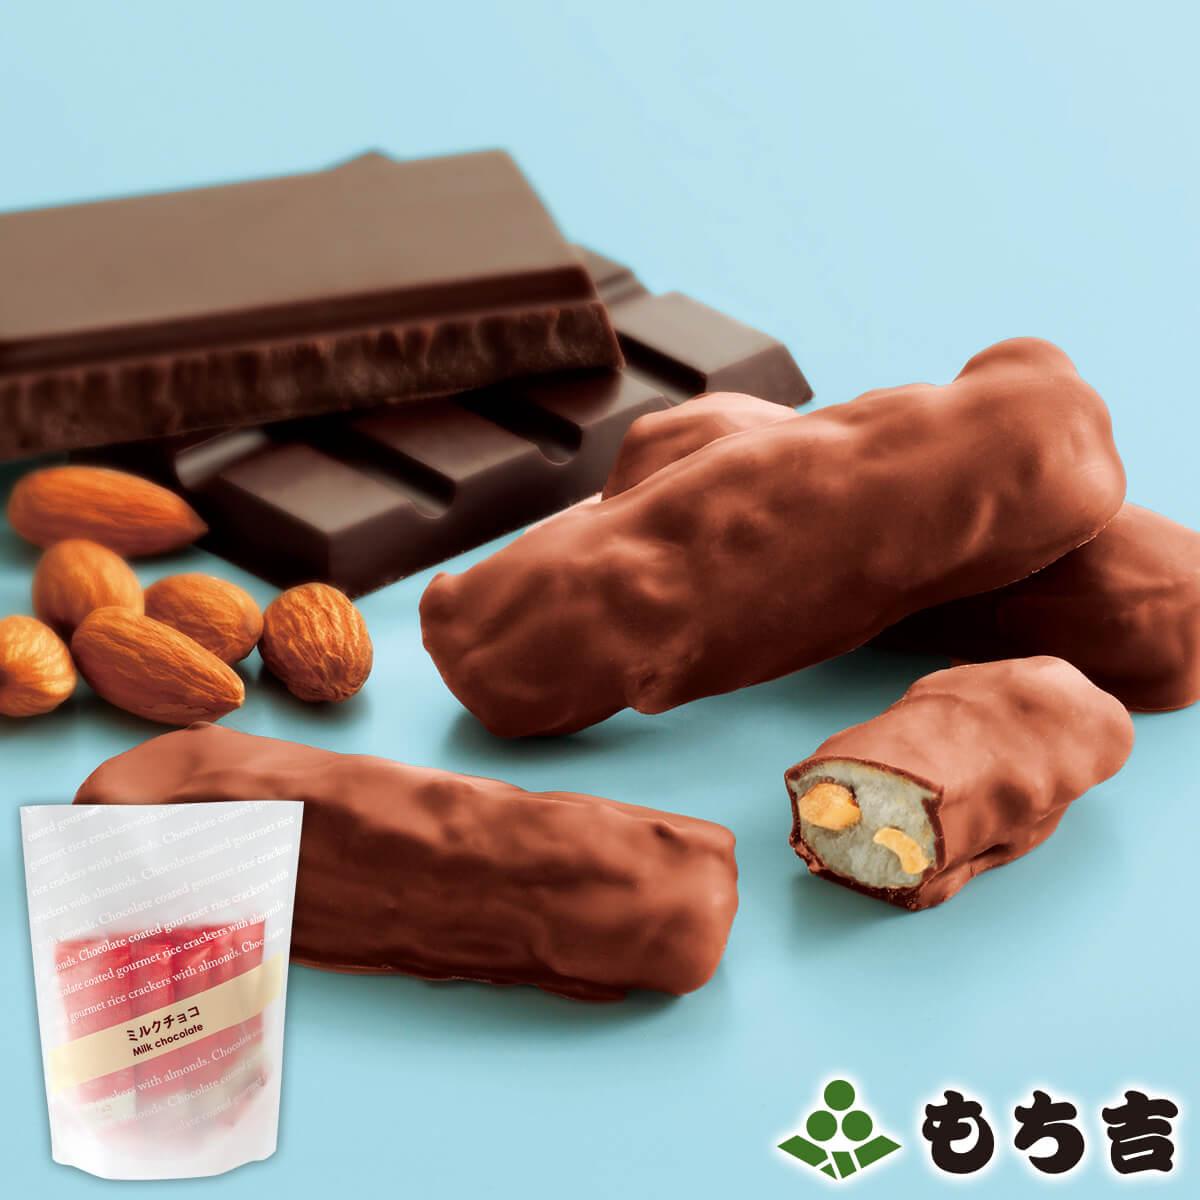 もち吉 ちょこあられ ミルクチョコ 詰替パック 国産米100% 7本